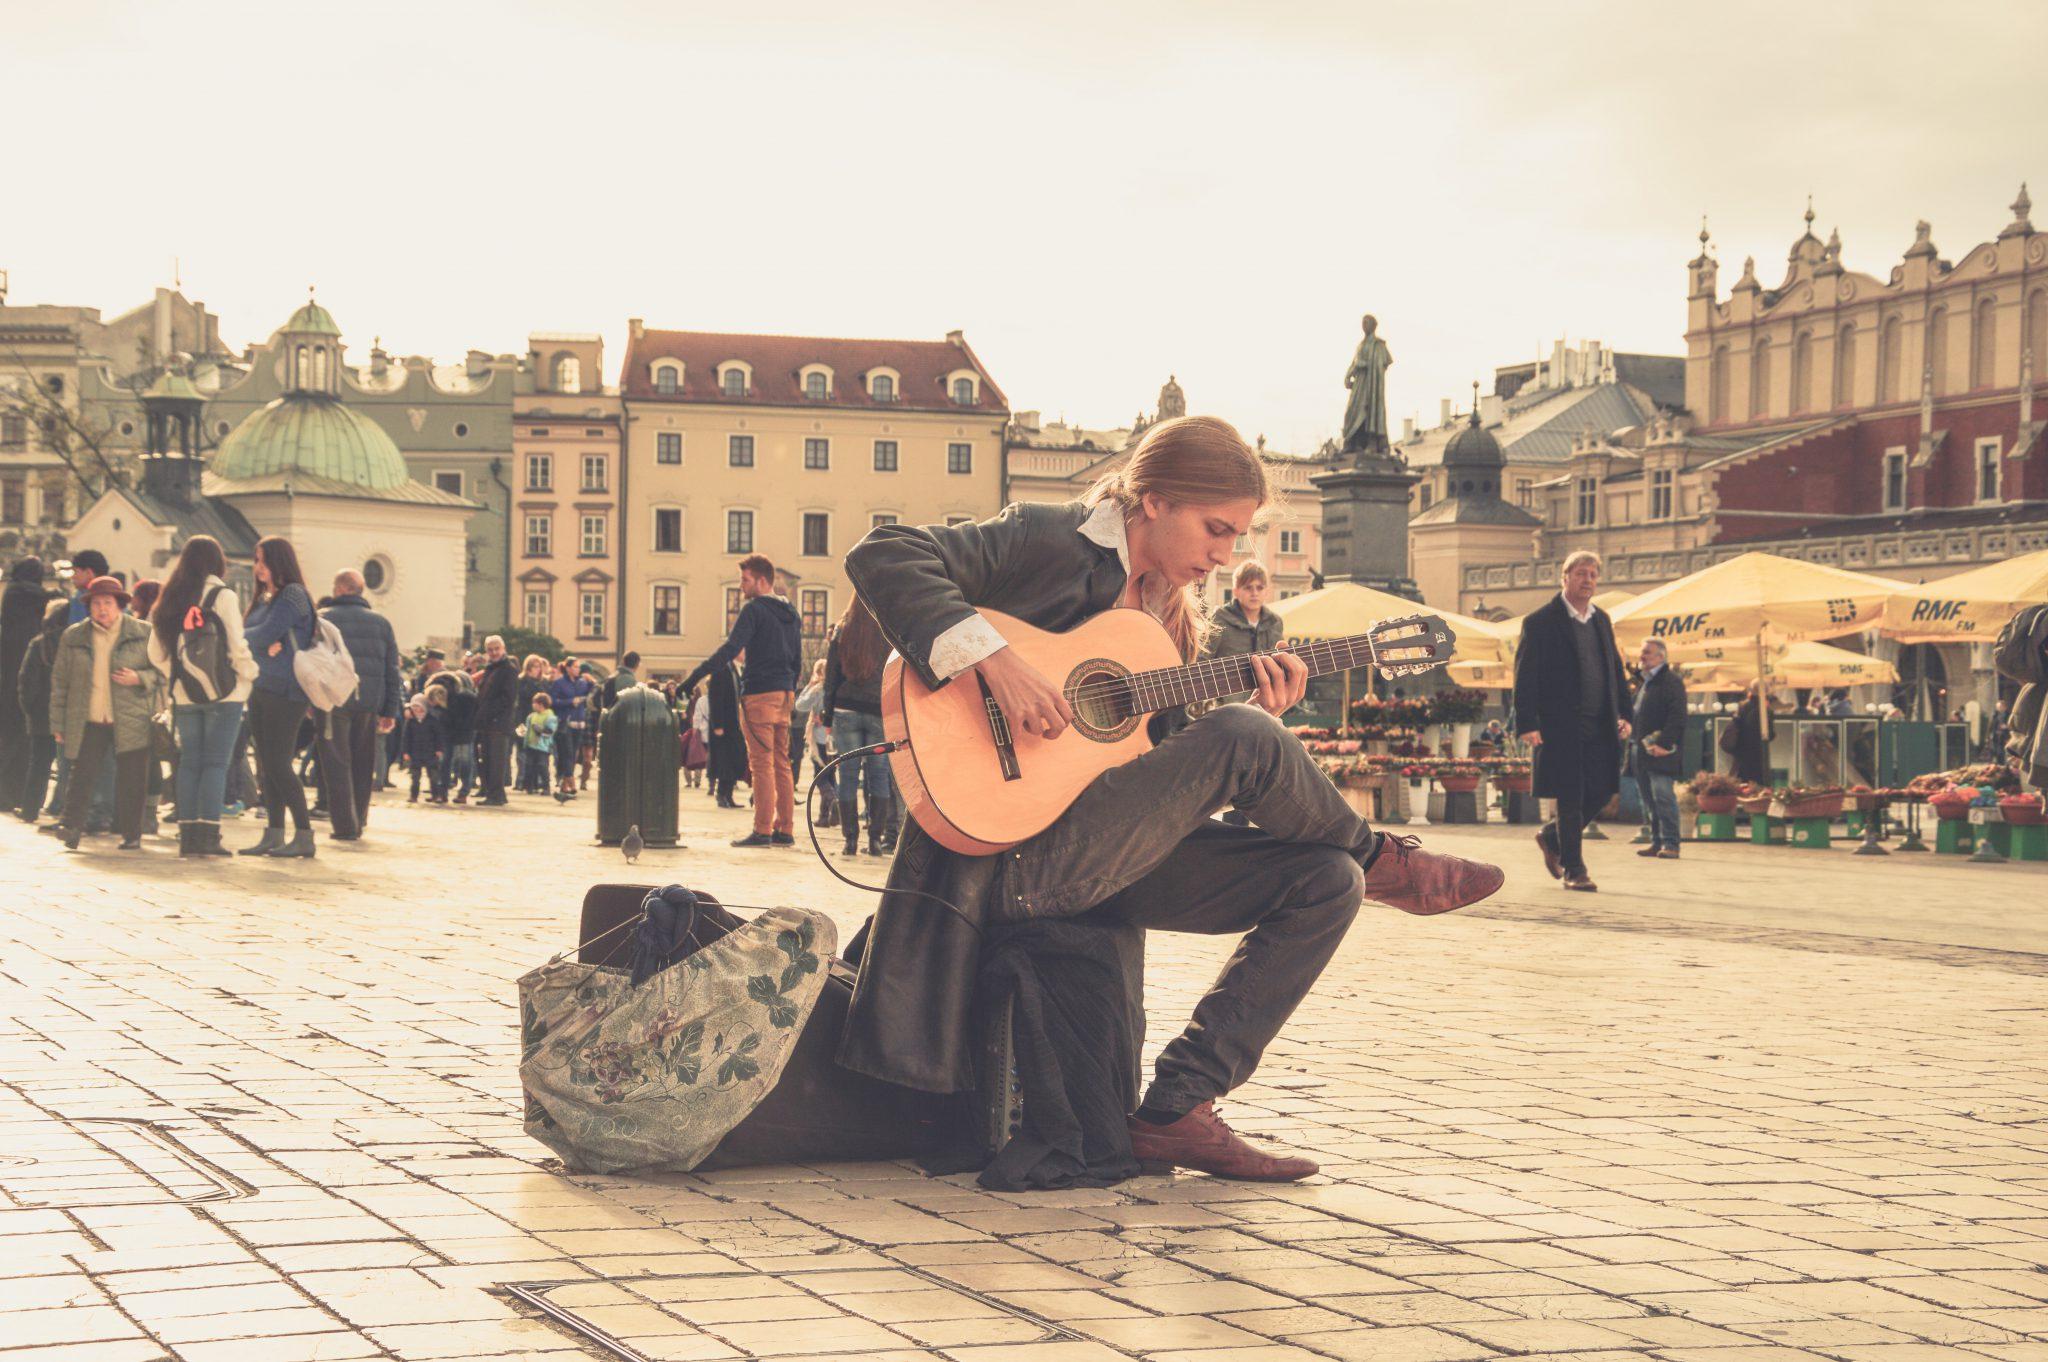 samotność, samotne spędzanie czasu, bycie ze sobą, przebywanie sam na sam, miłość do siebie, jak pokochać siebie, jak odnaleźć drogę w życiu,czemu boimy sie samotności, jak nie być samotnym, jak odnaleźć sens życia, muzyka, pasja, relaks